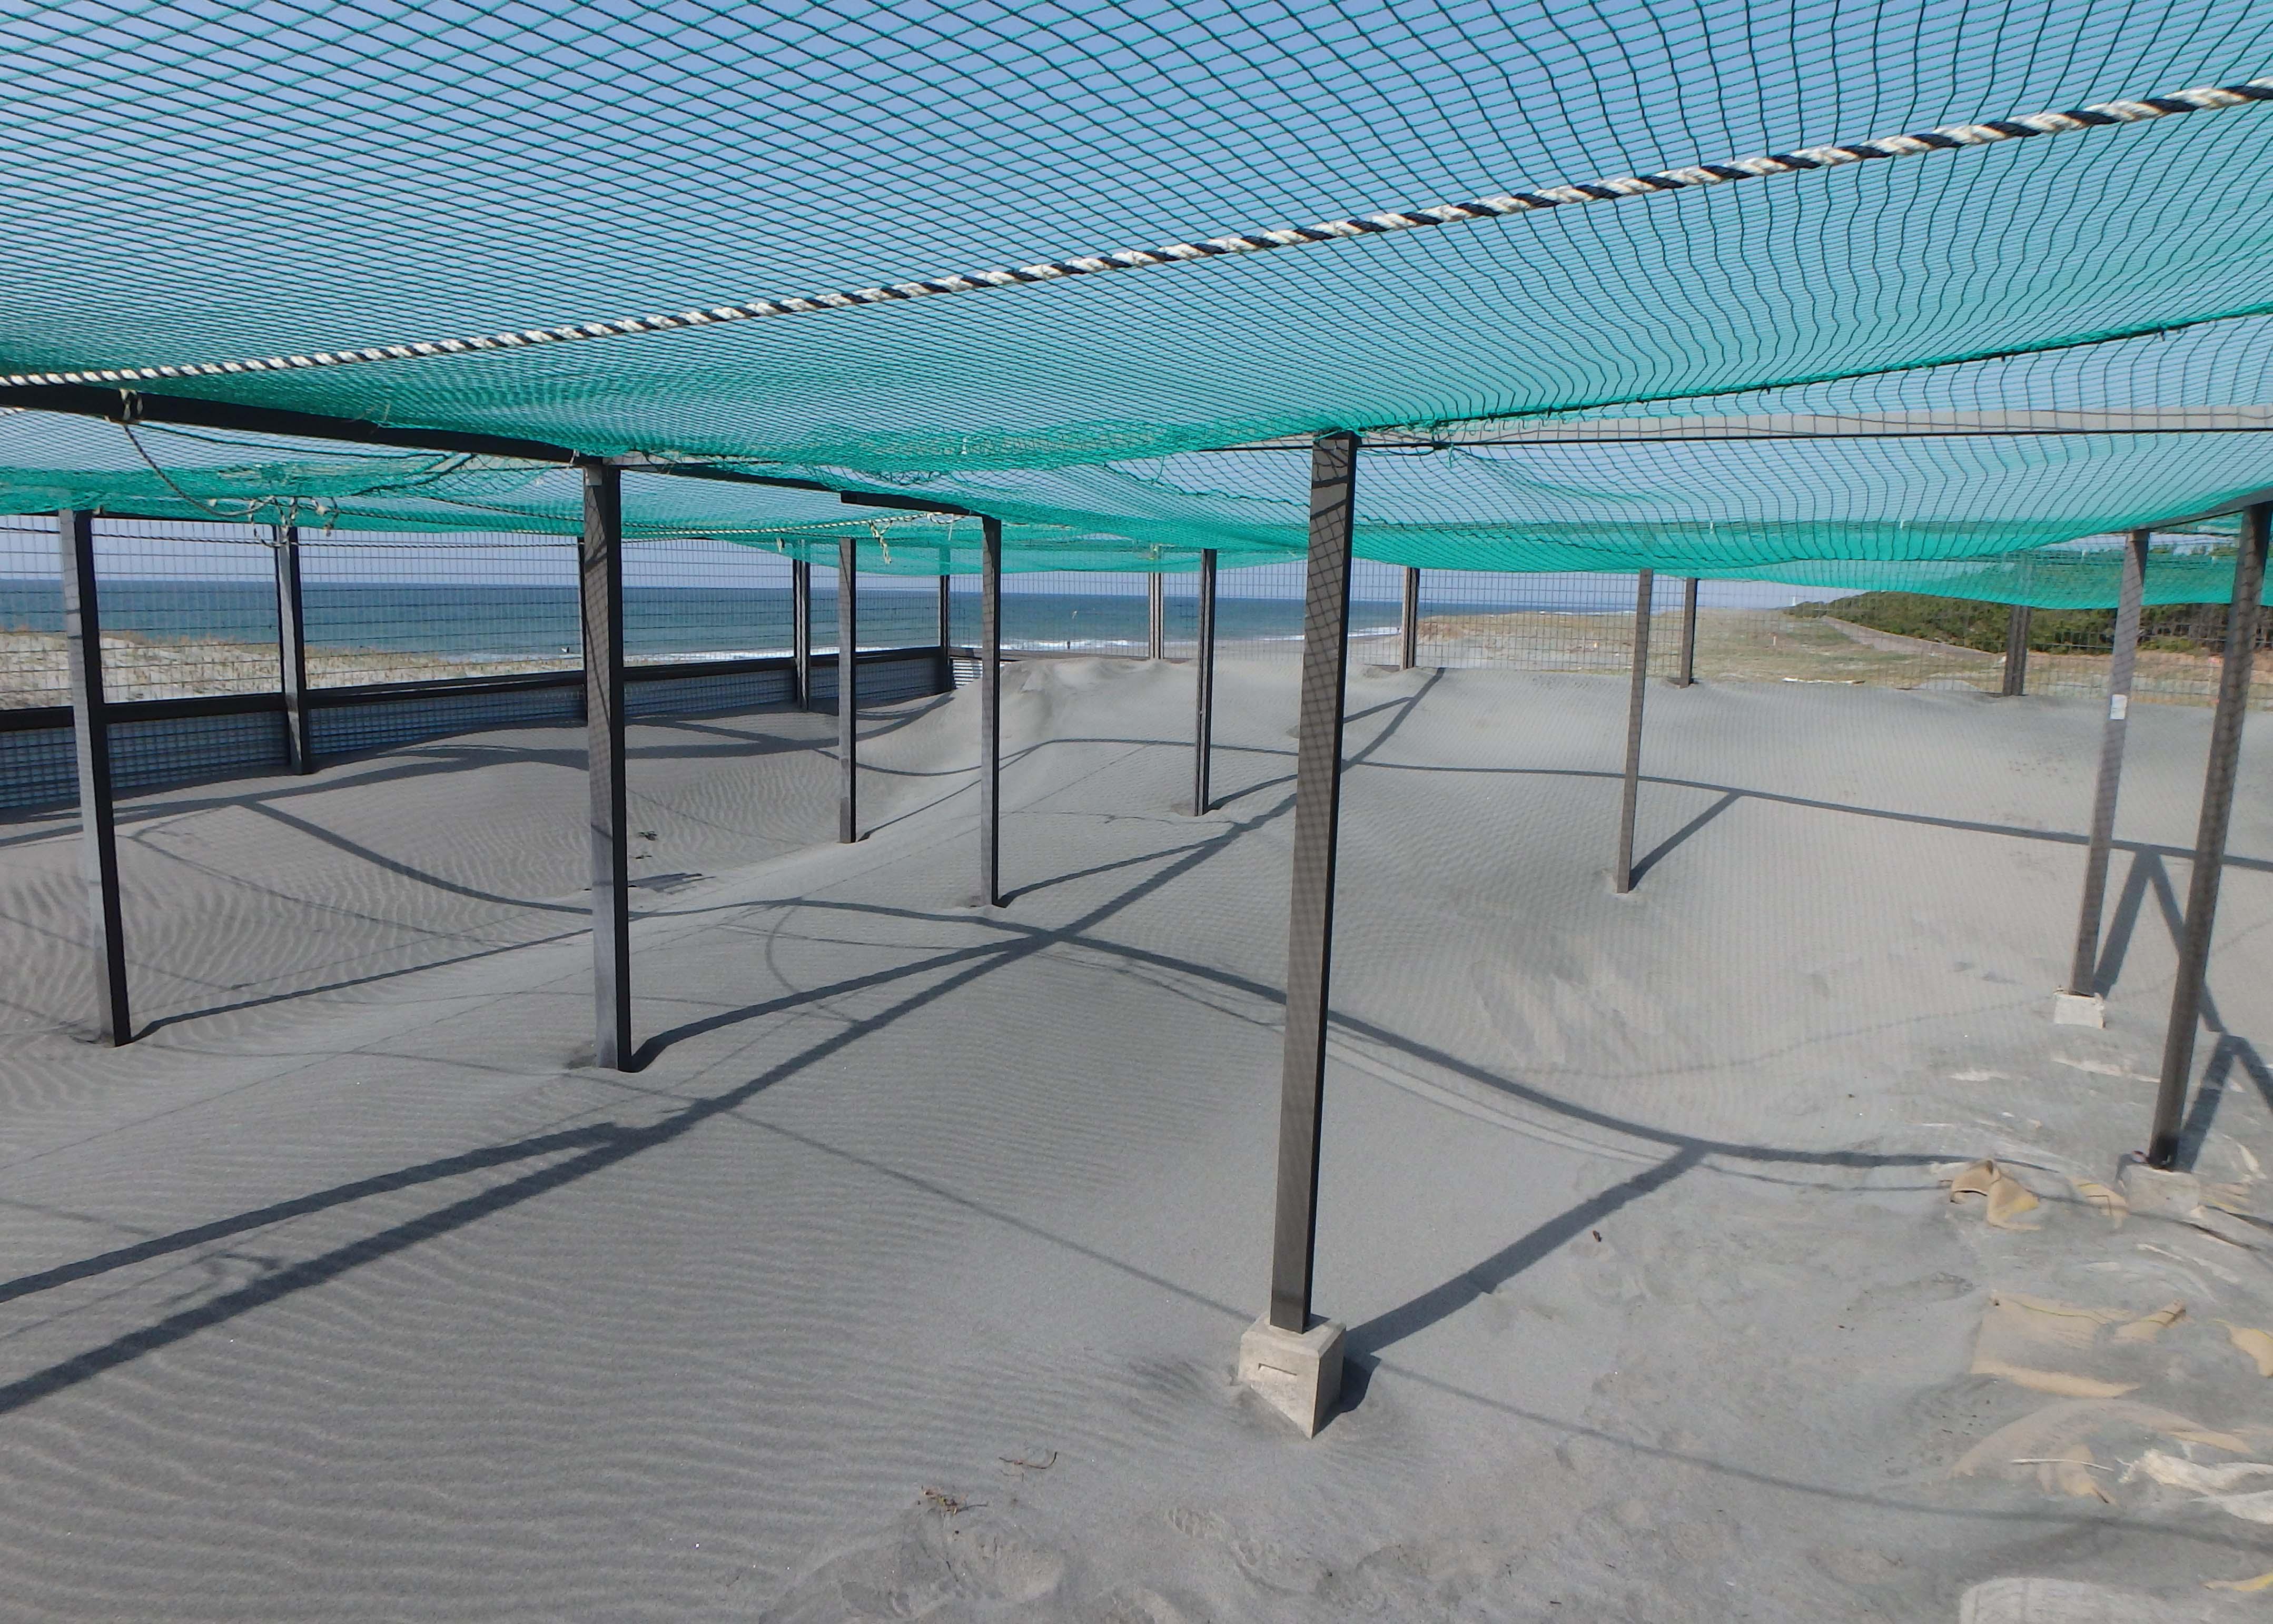 ウミガメの卵の保護柵整備活動